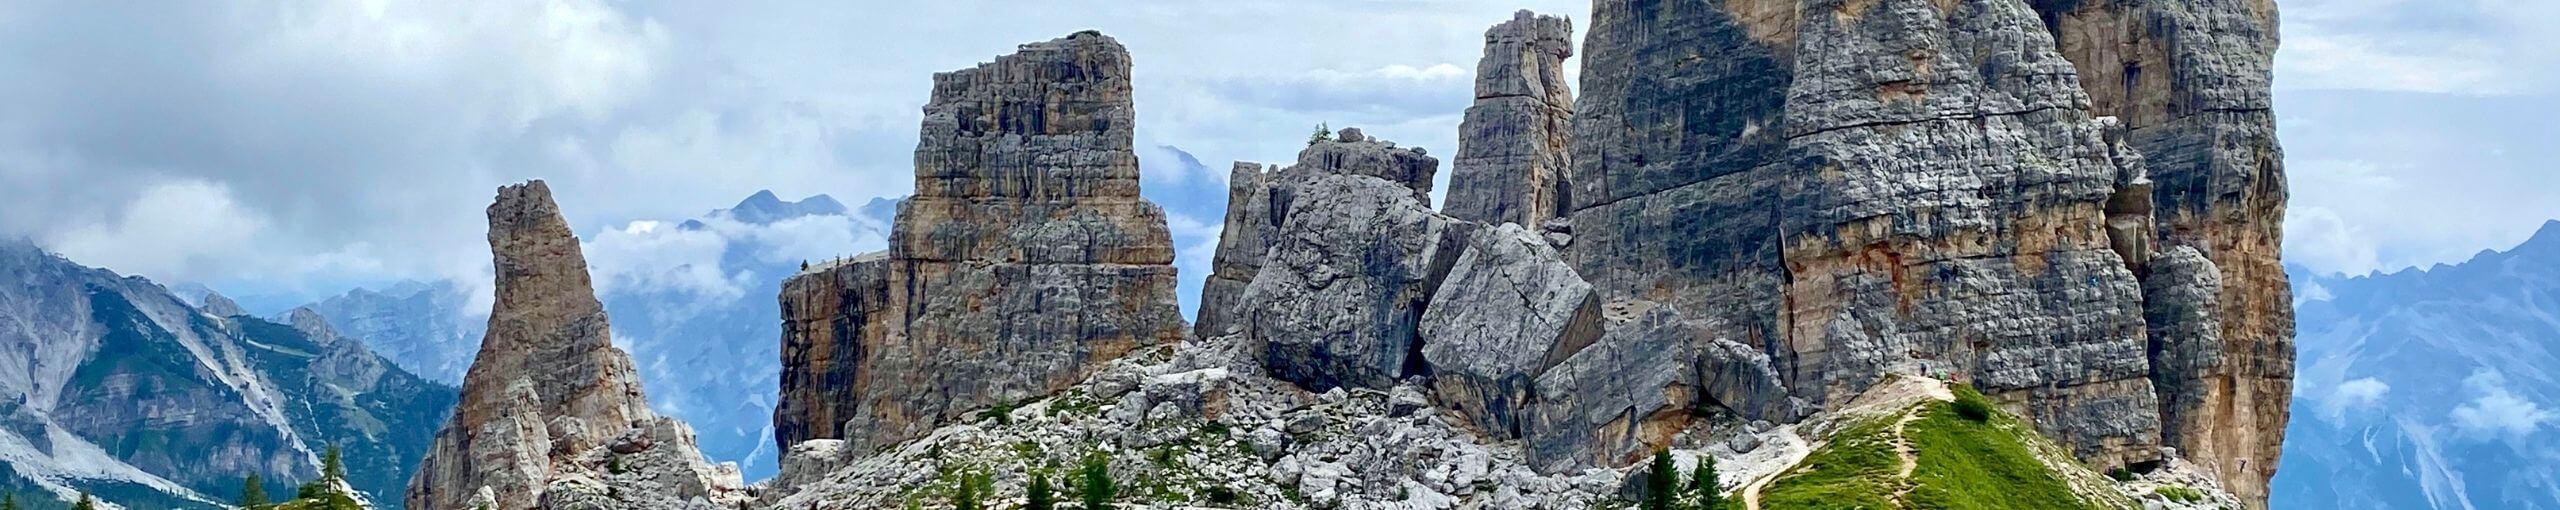 Cinque Torri - Cinco Torres